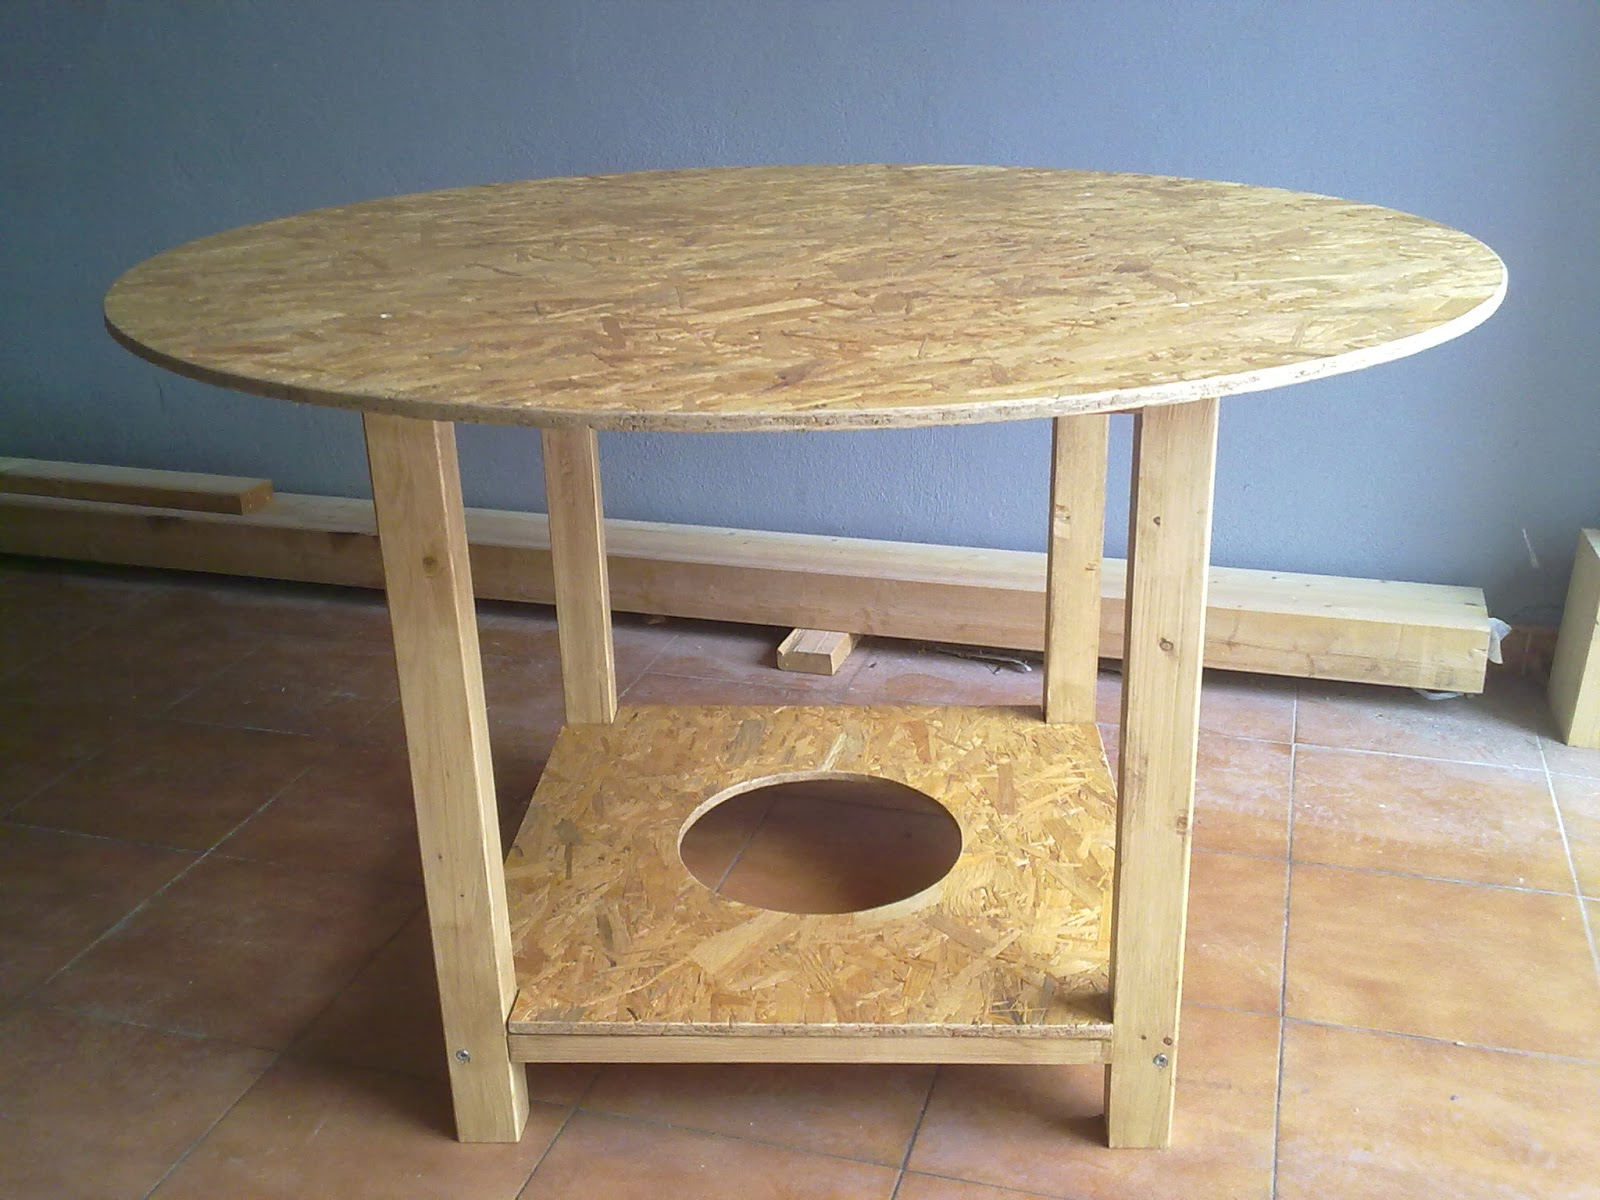 Miguel garcia carpintero mesa camilla para brasero - Mesa para brasero ...